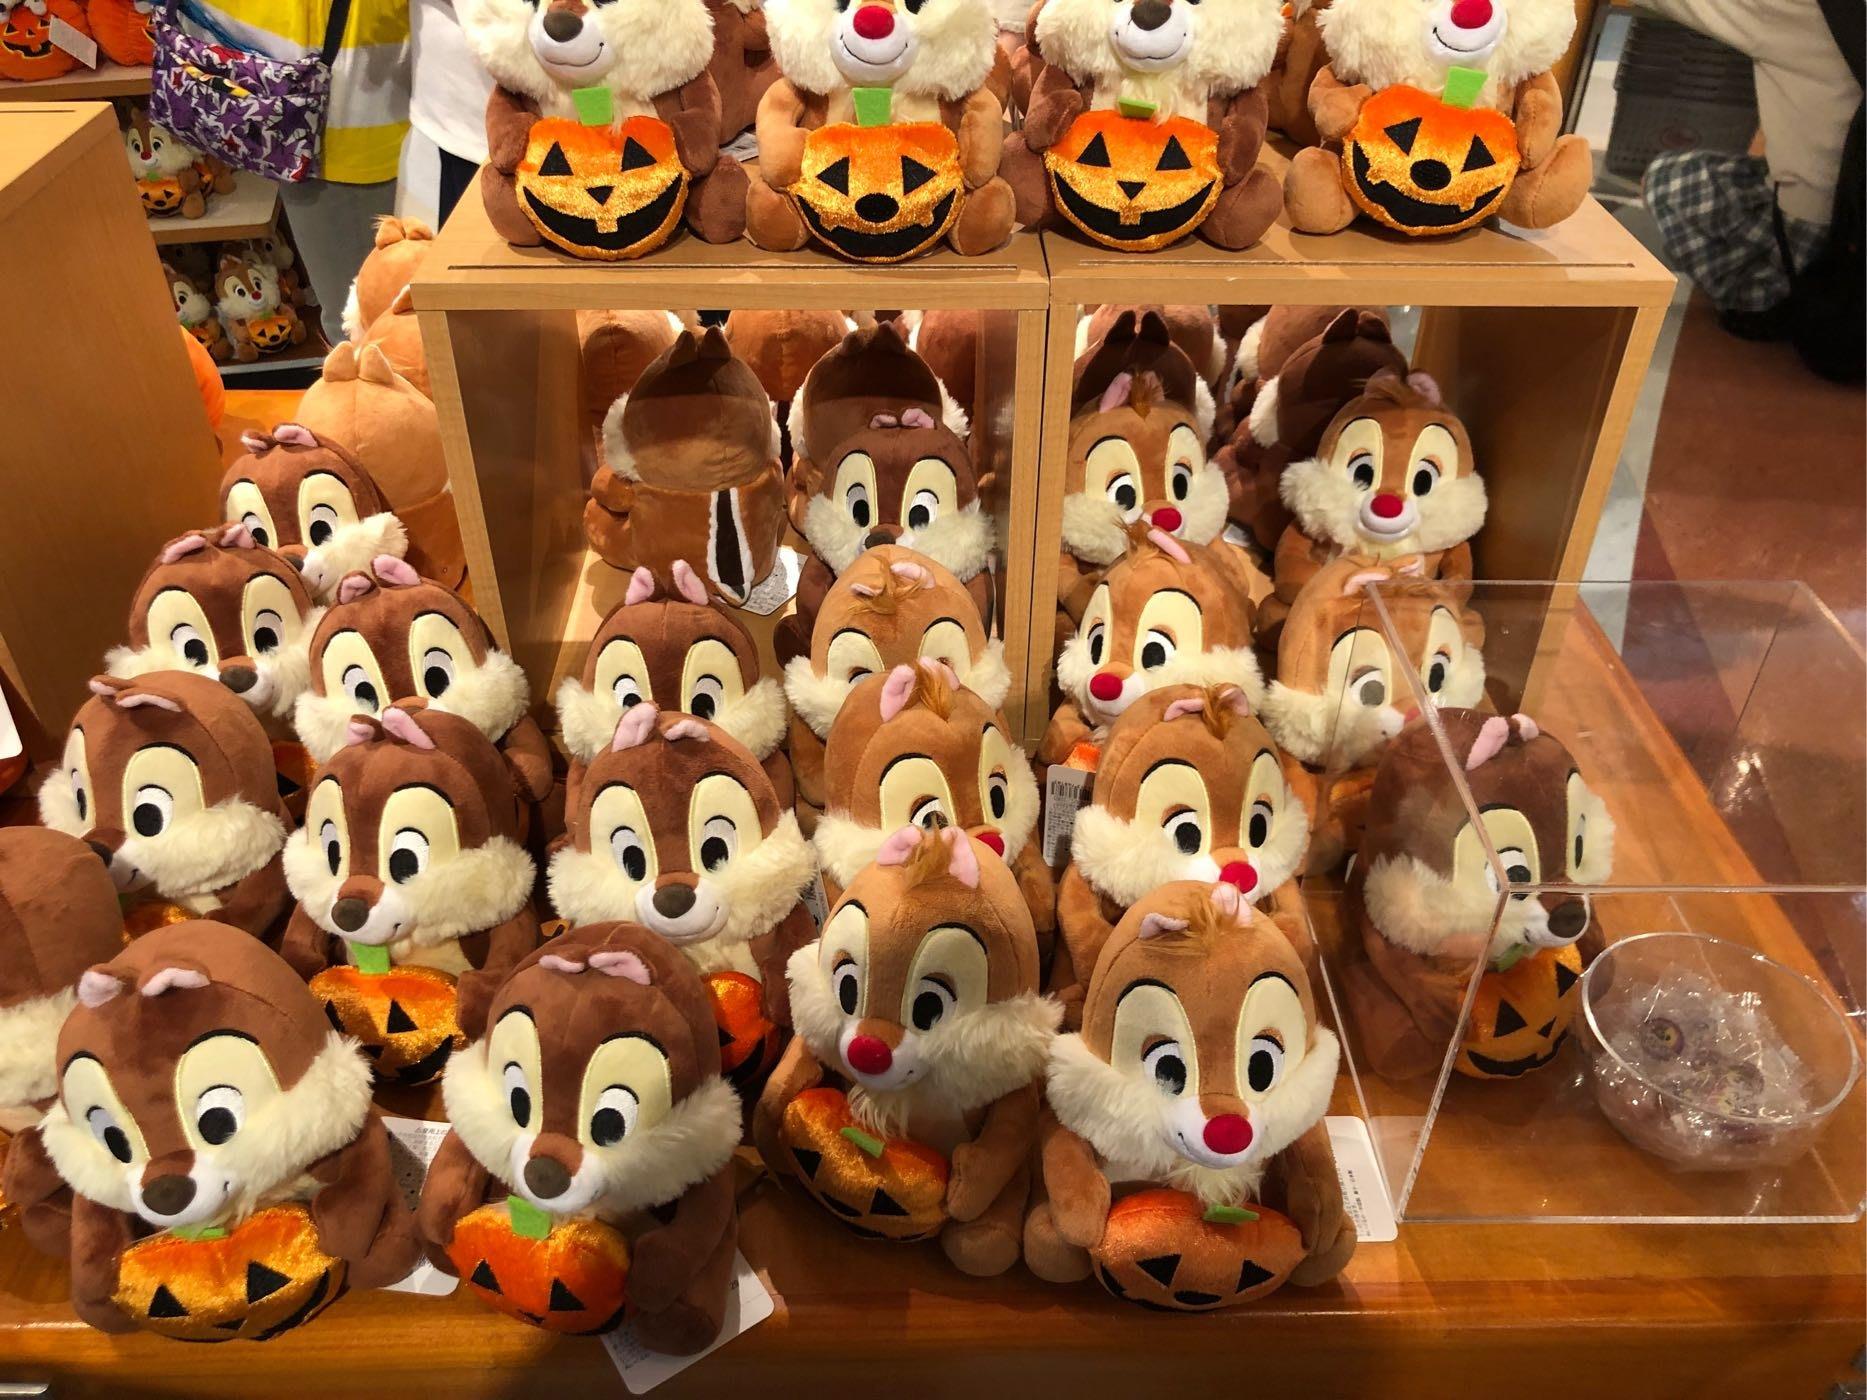 玟玟珍藏區—東京迪士尼商店 萬聖節奇奇蒂蒂糖果組 兩隻一起販售 現貨不用等